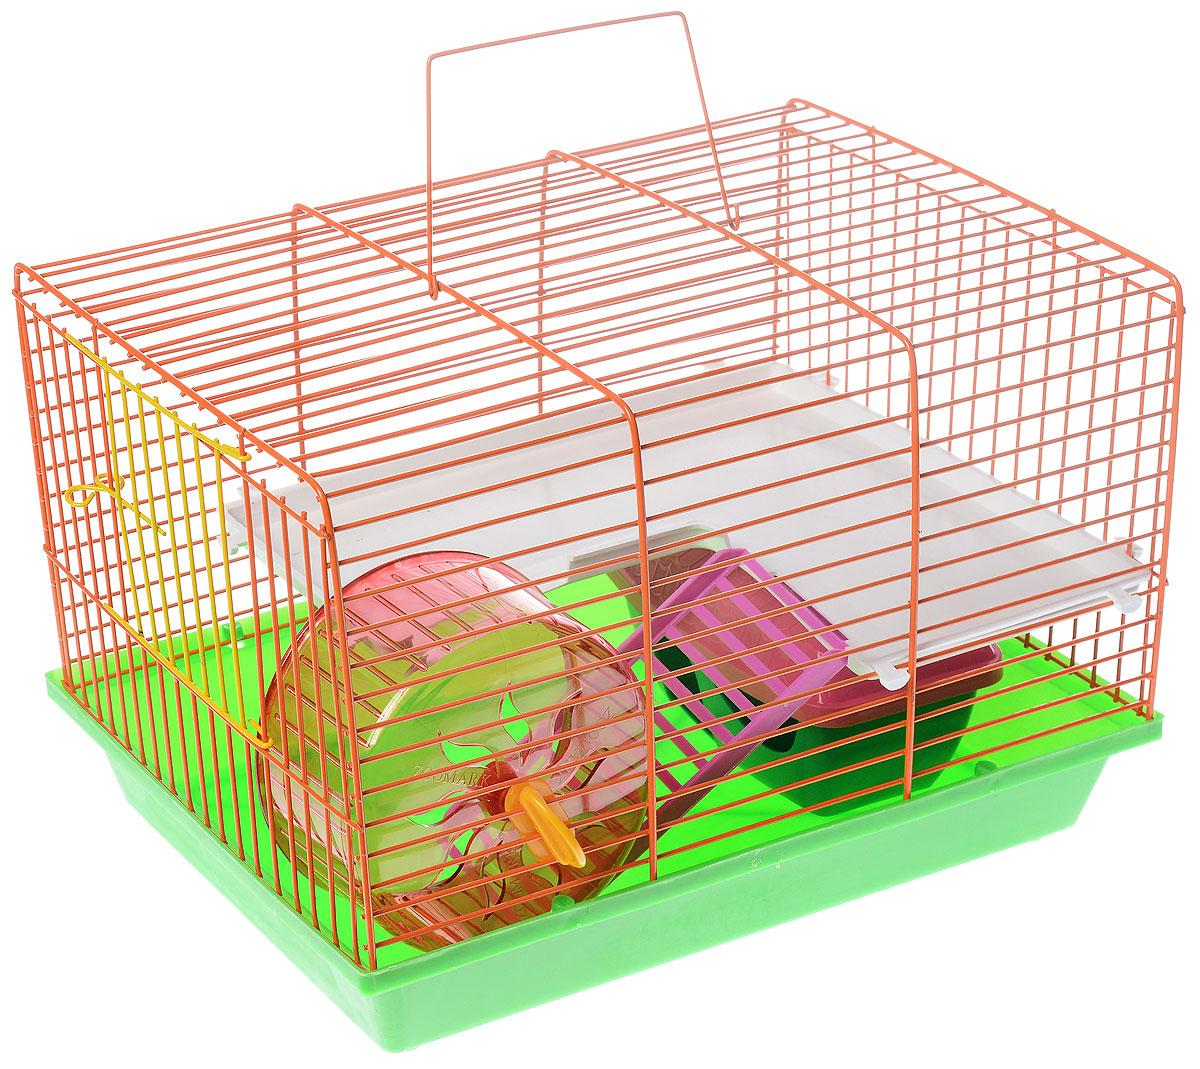 Клетка для грызунов ЗооМарк, 2-этажная, цвет: салатовый поддон, оранжевая решетка, 36 х 23 х 24 см цена